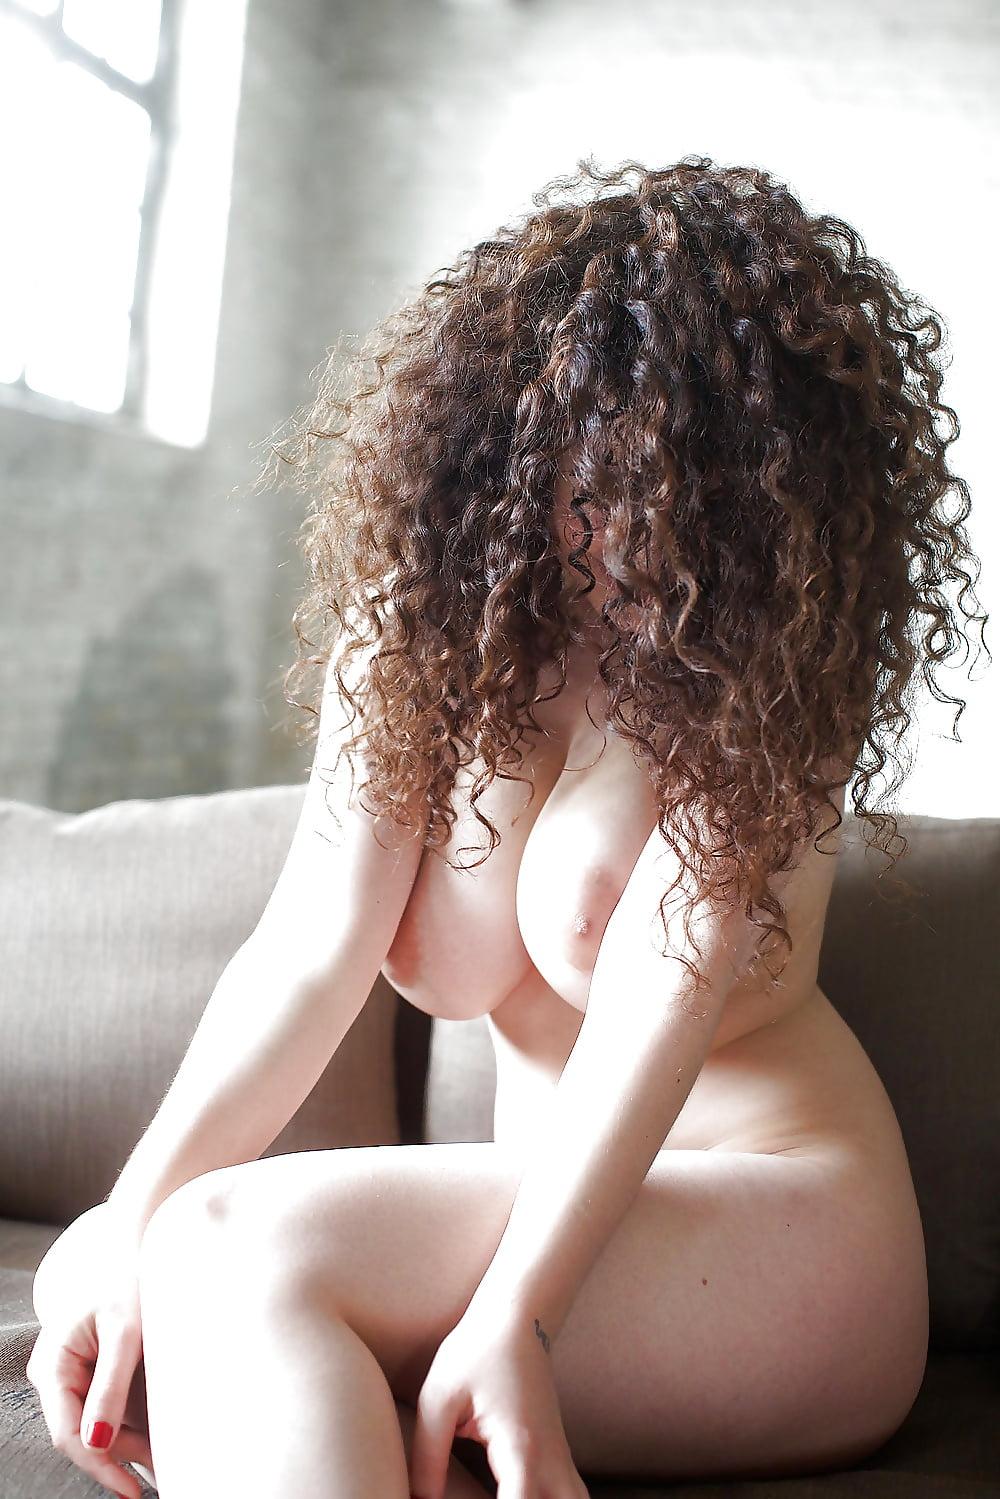 naked-curly-haired-fetish-asia-ladyboys-extreme